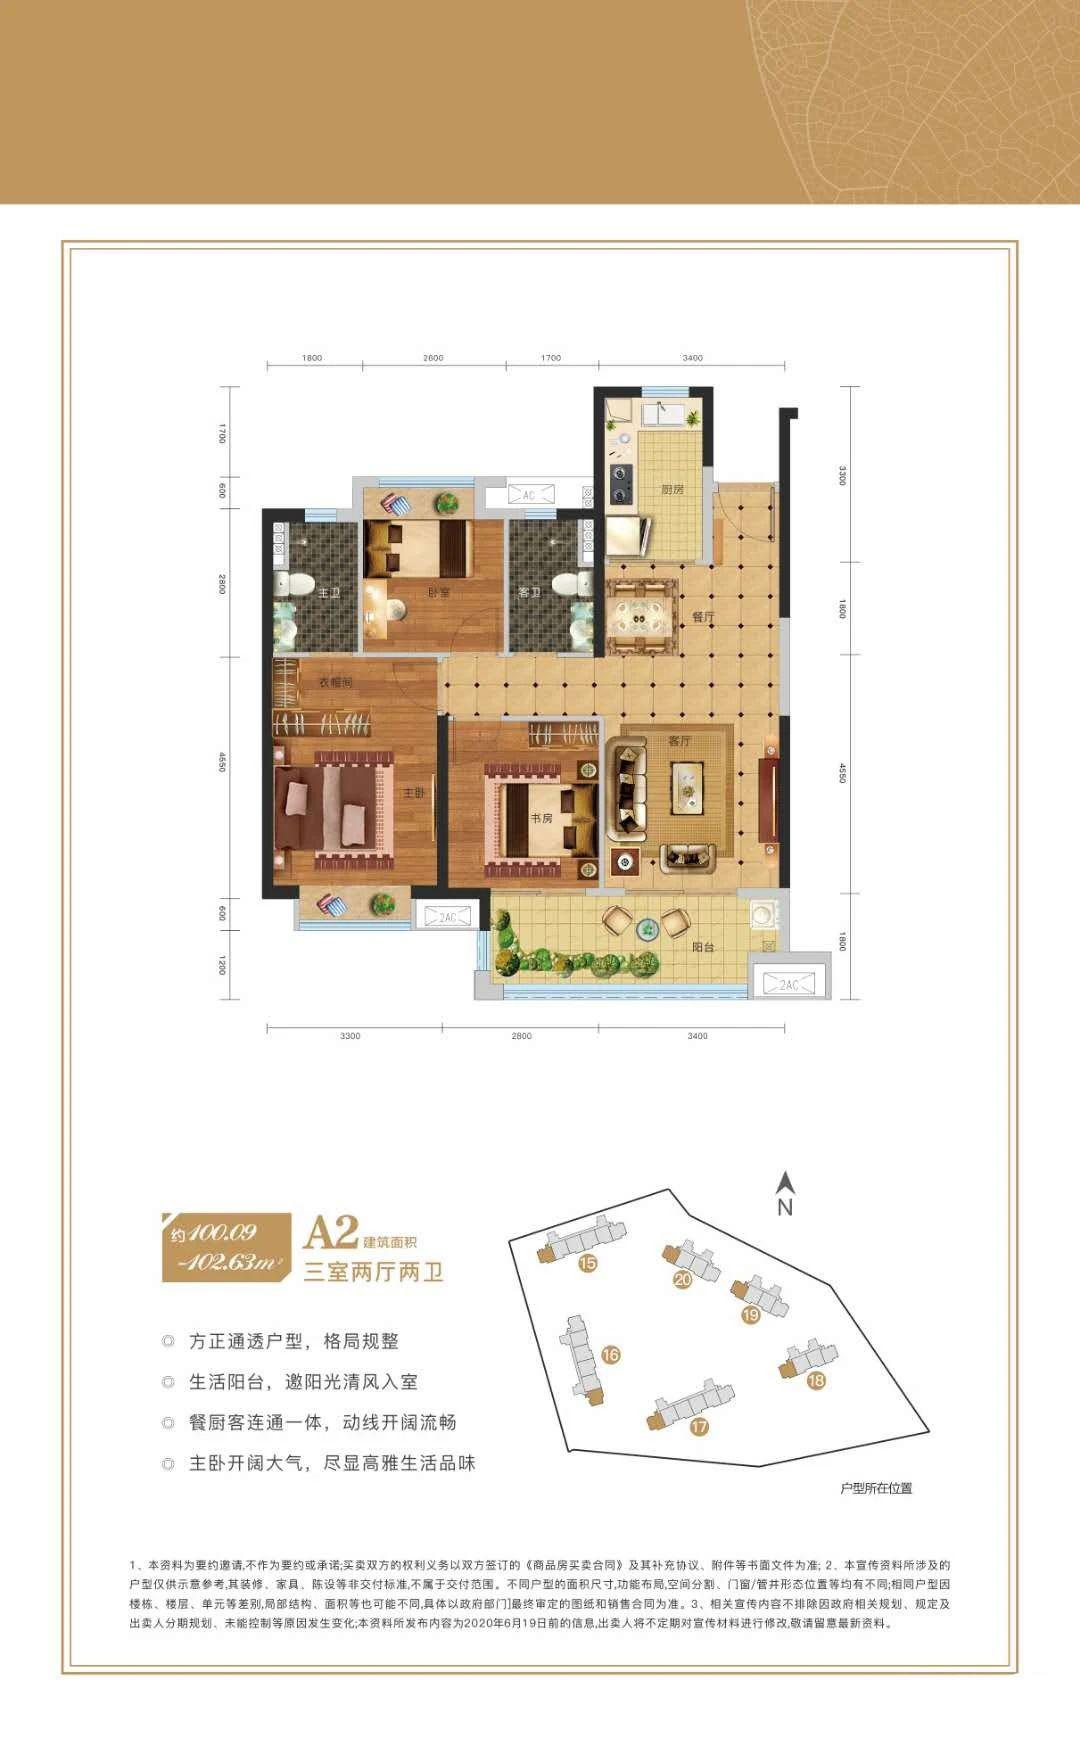 三期A2户型 3室2厅2卫 建面约100.09-102.63㎡